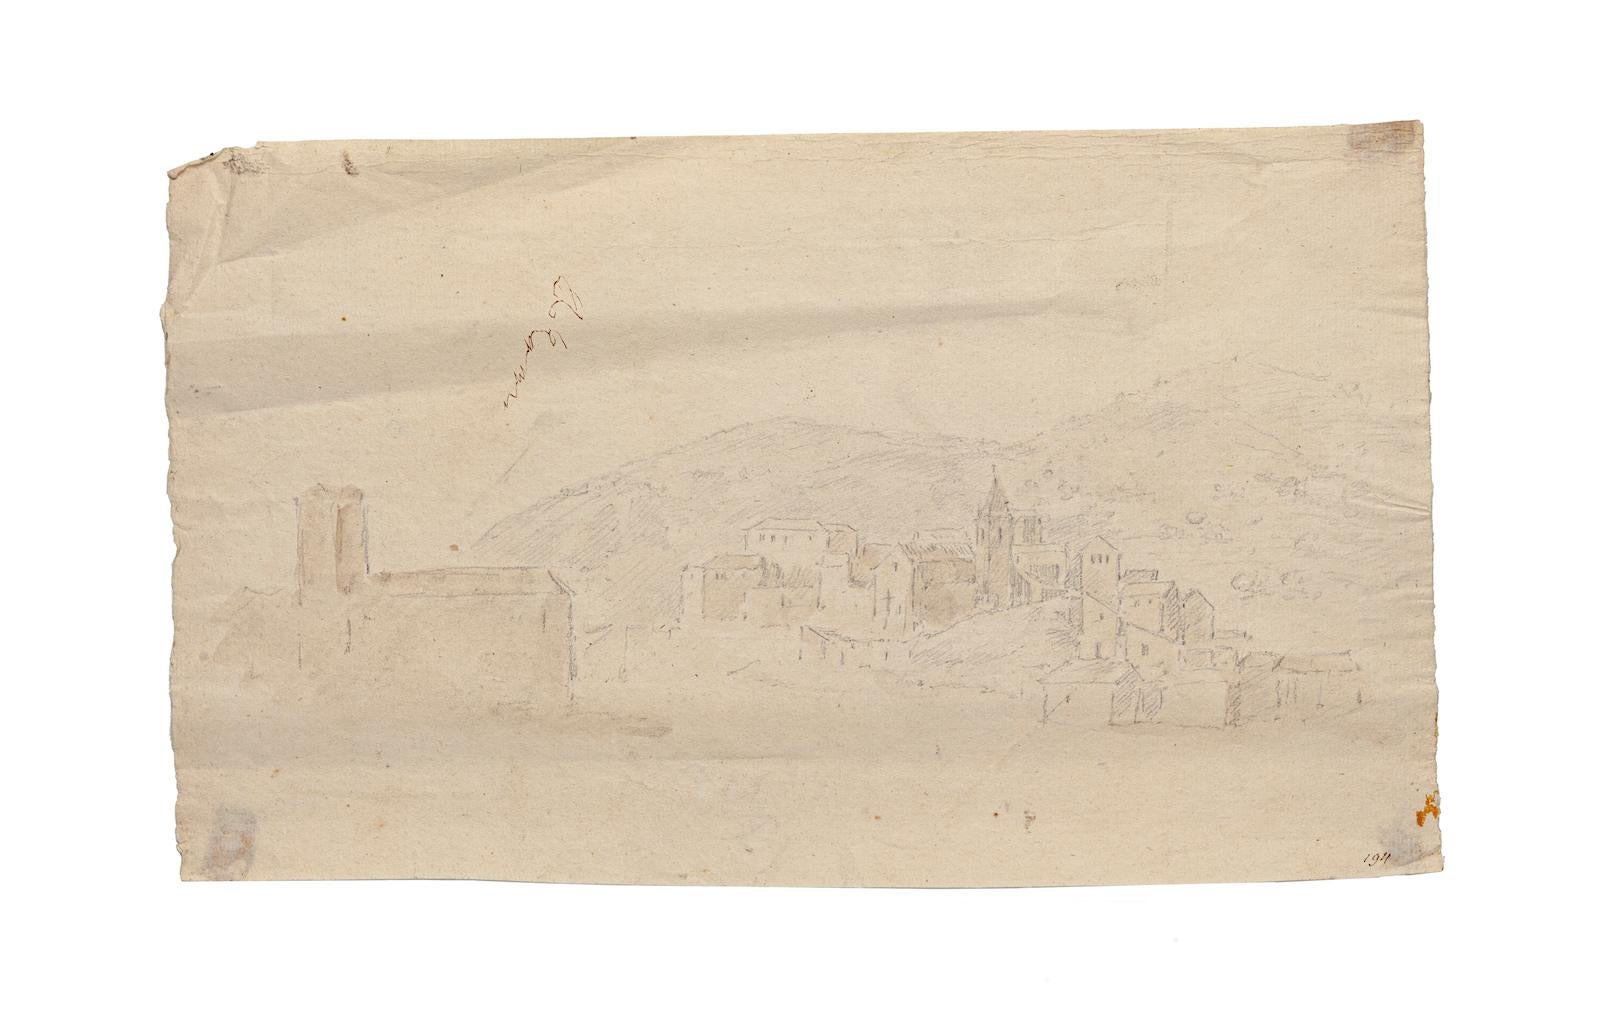 Landscape - Original Pencil and Watercolor by Jan Pieter Verdussen - 1750